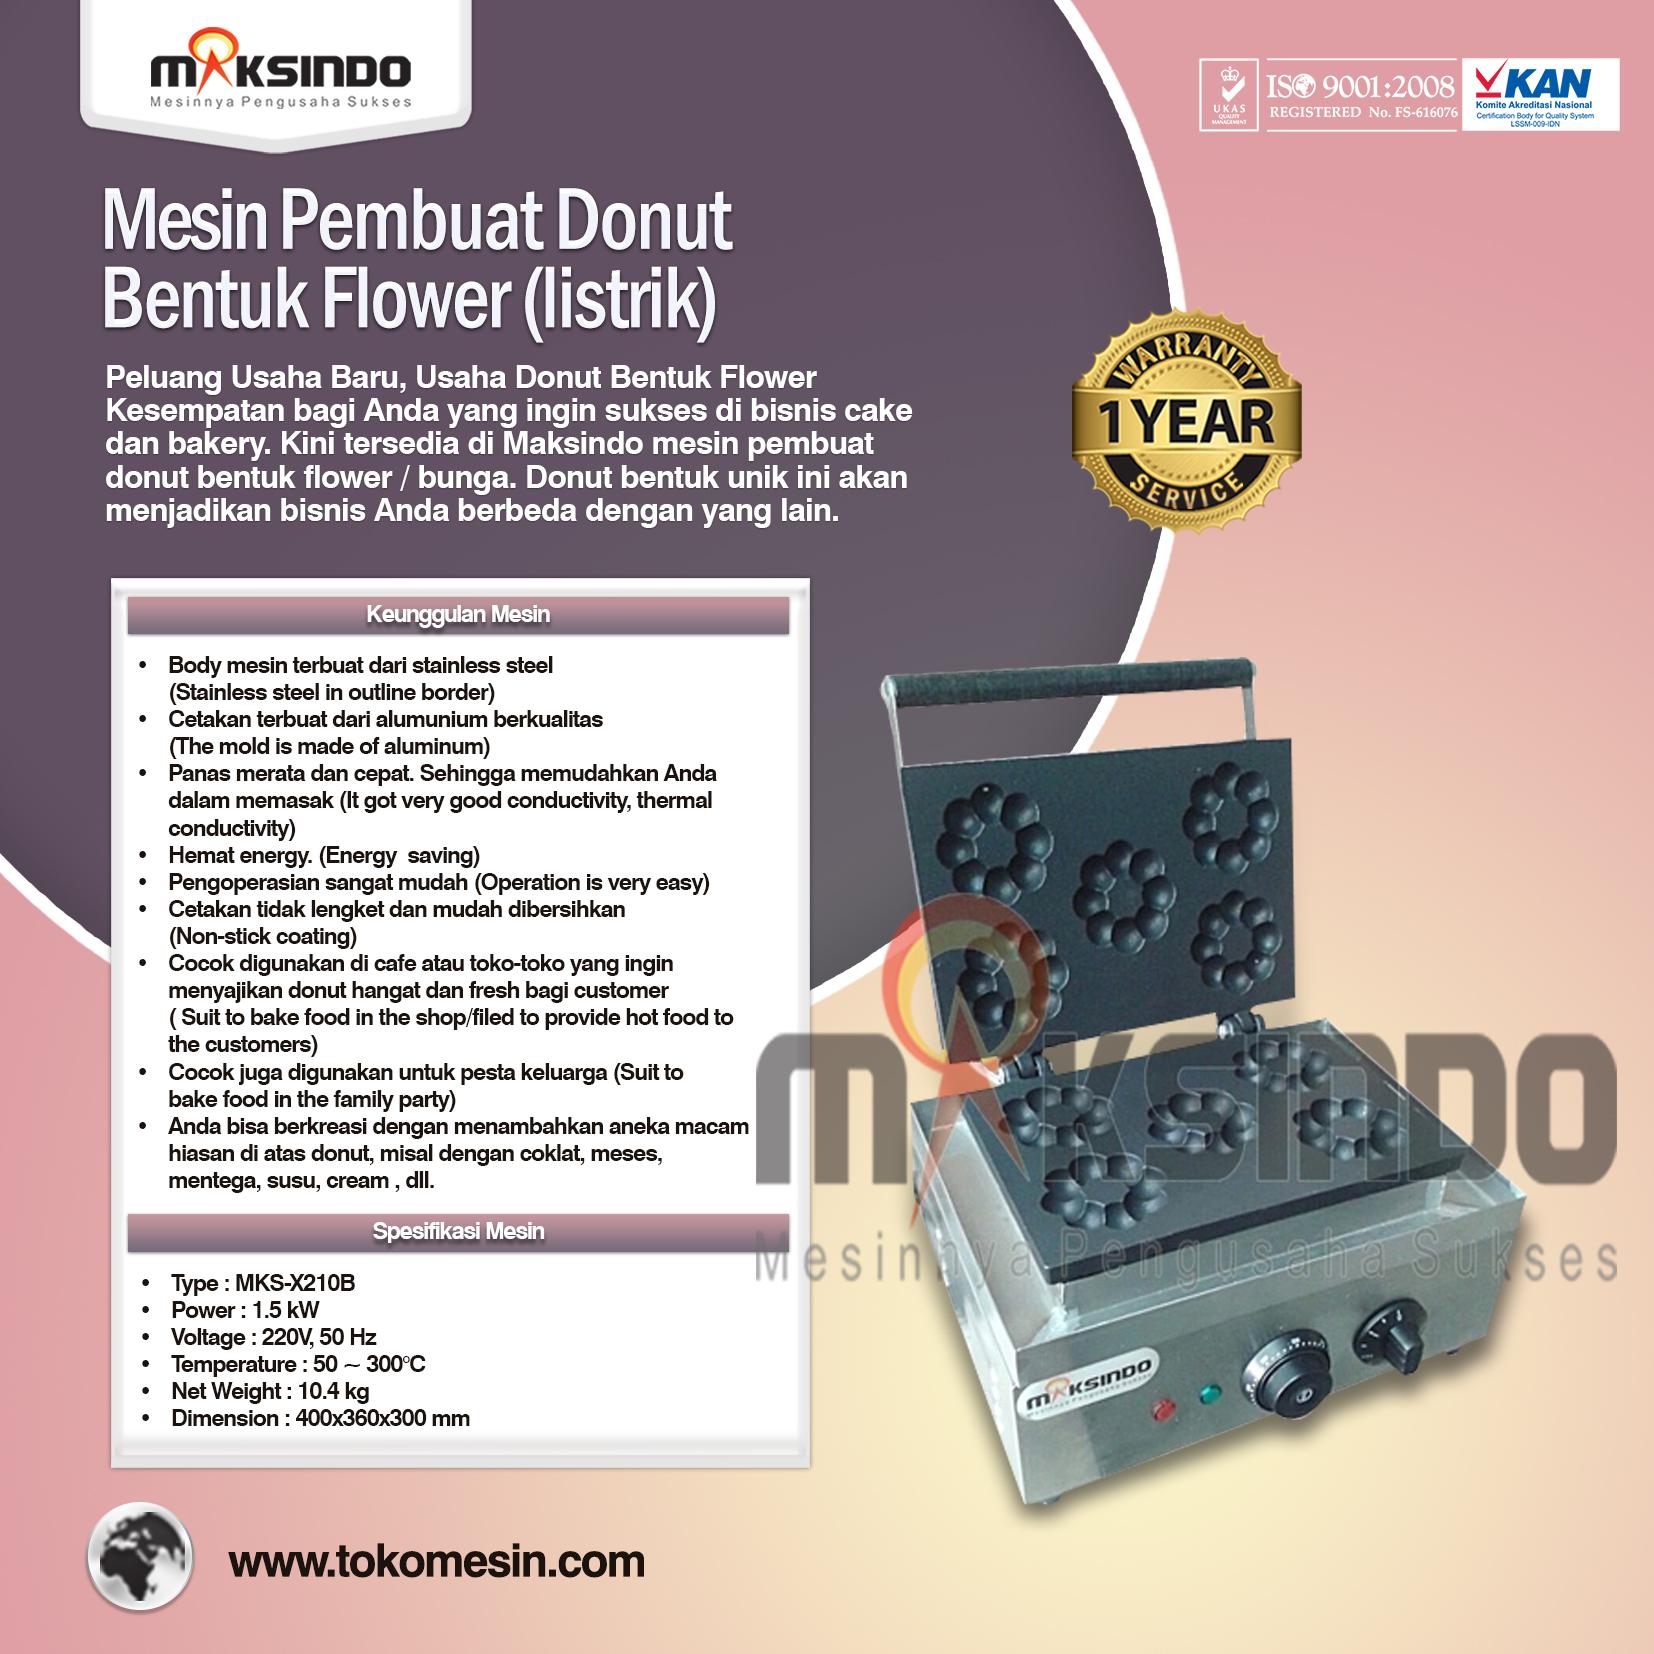 Mesin Pembuat Donut Bentuk Flower (listrik) MKS-X210B